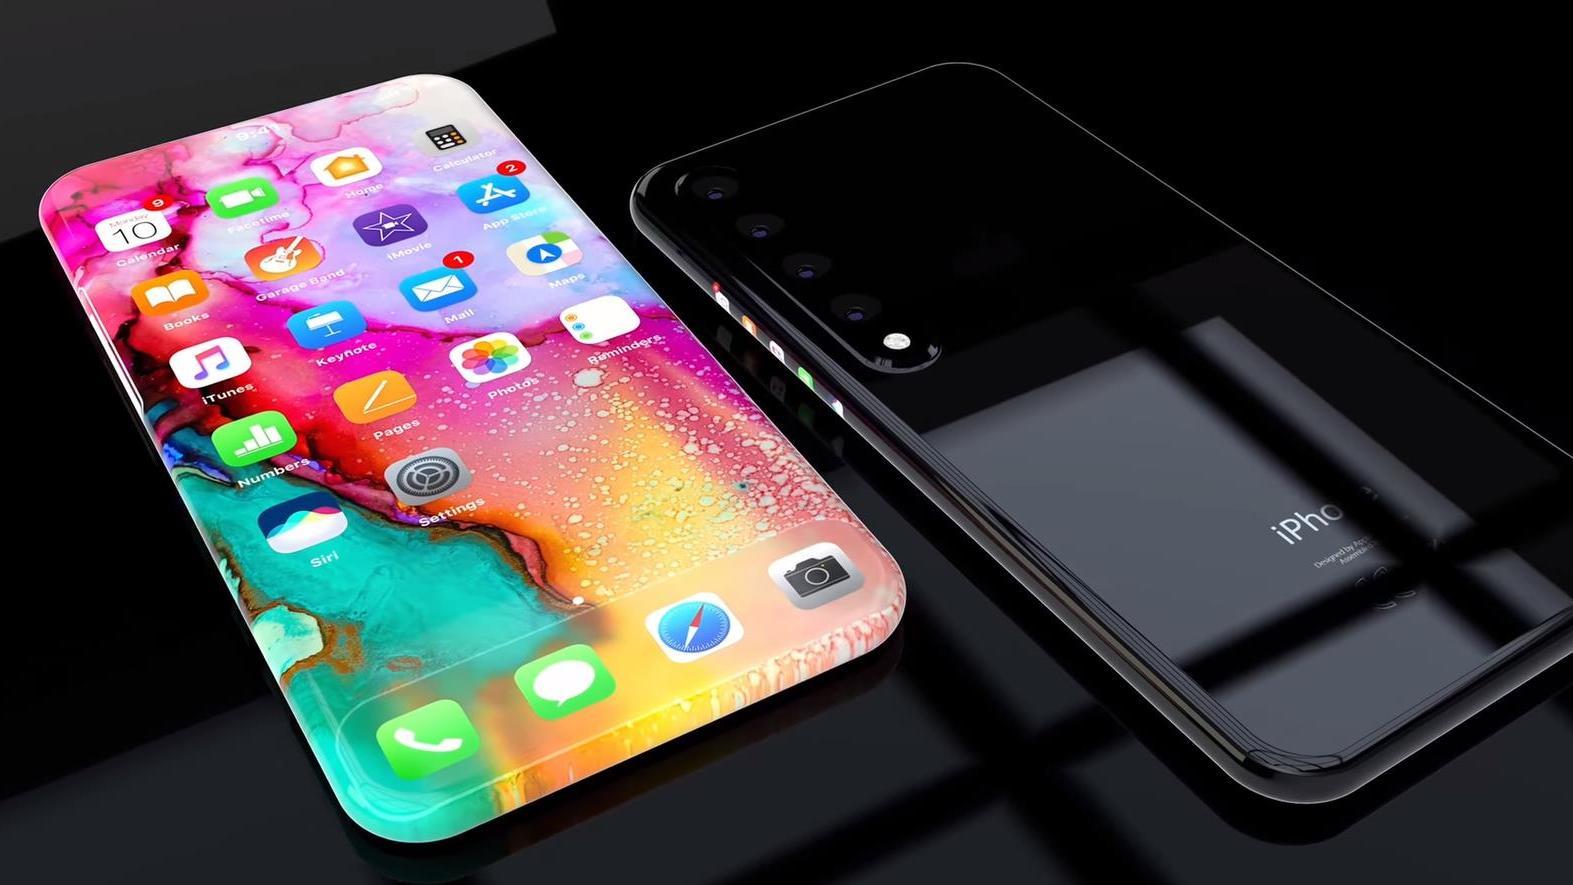 苹果不甘示弱: iOS13+A13处理器+100%全面屏, 终于取消刘海屏了